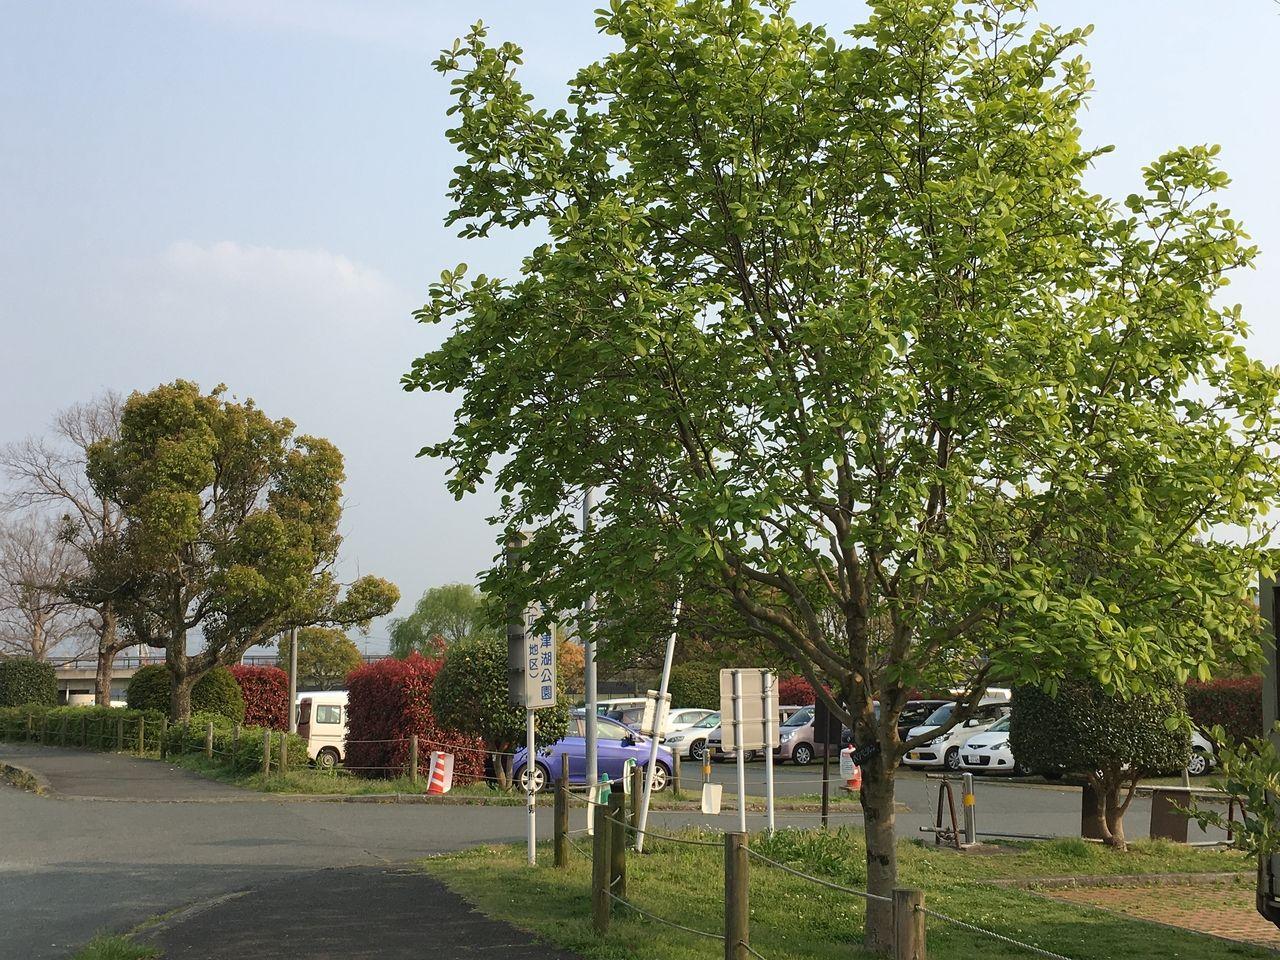 熊本市東区の水前寺江津湖公園・広木地区新緑の木々に囲まれている駐車場入口